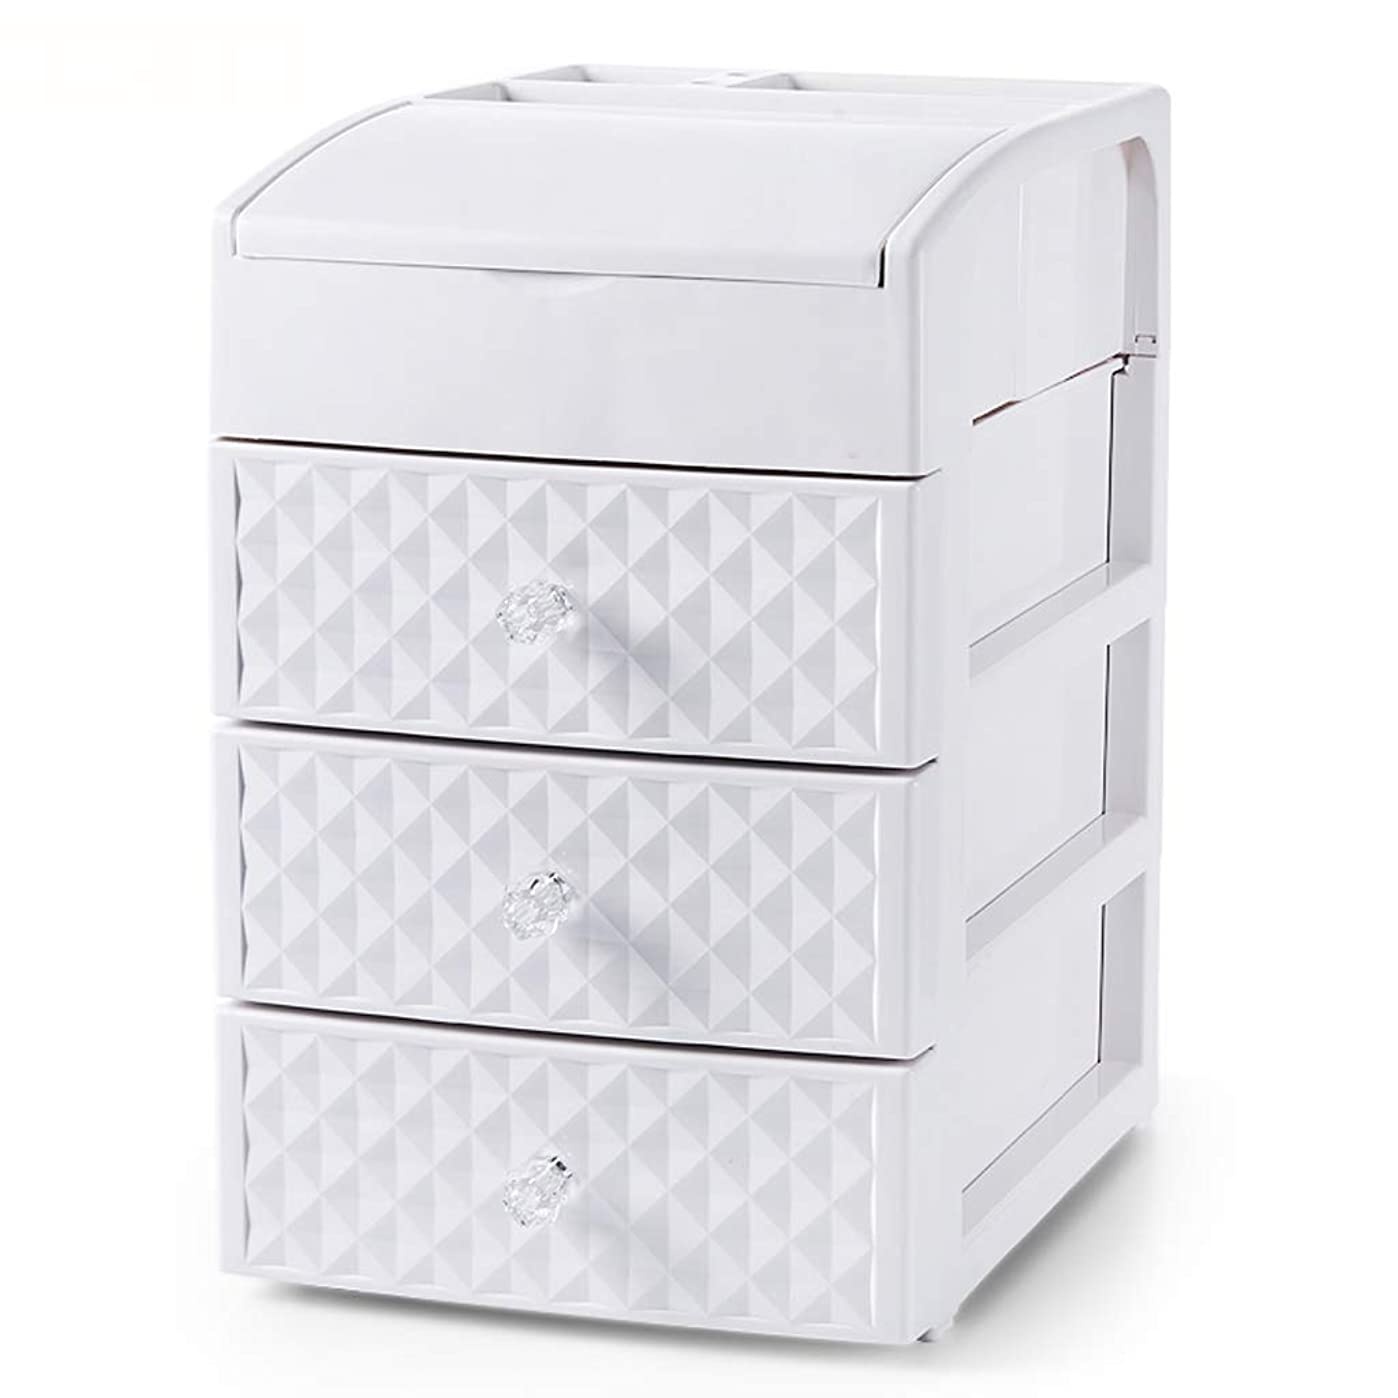 ベルト戦術天国プラスチックシンプルな化粧品収納ボックスデスクトップ引き出し型口紅ジュエリースキンケア製品収納ディスプレイボックス(色:ピンク、サイズ:33.7 * 26 * 31 cm)